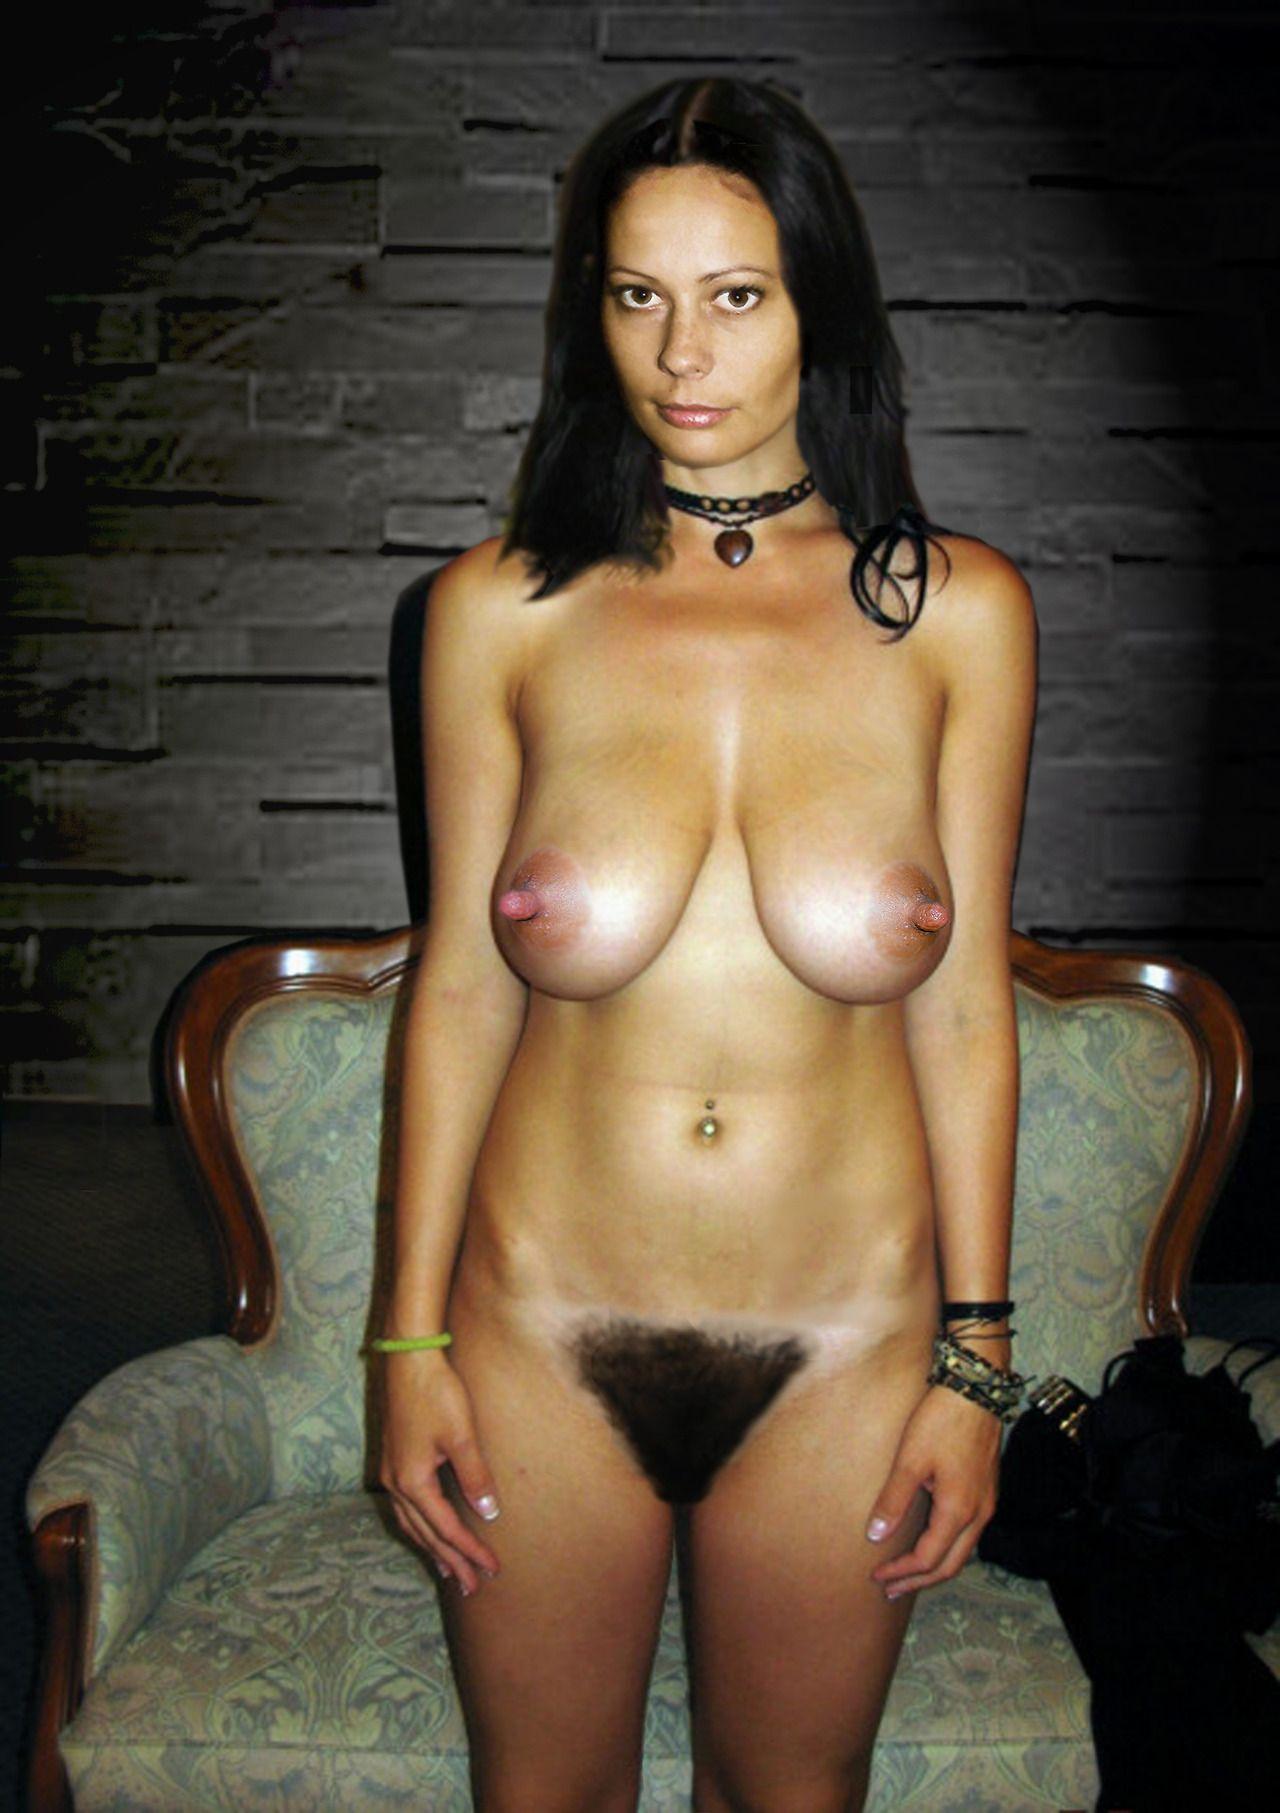 sexy nun gets fucked